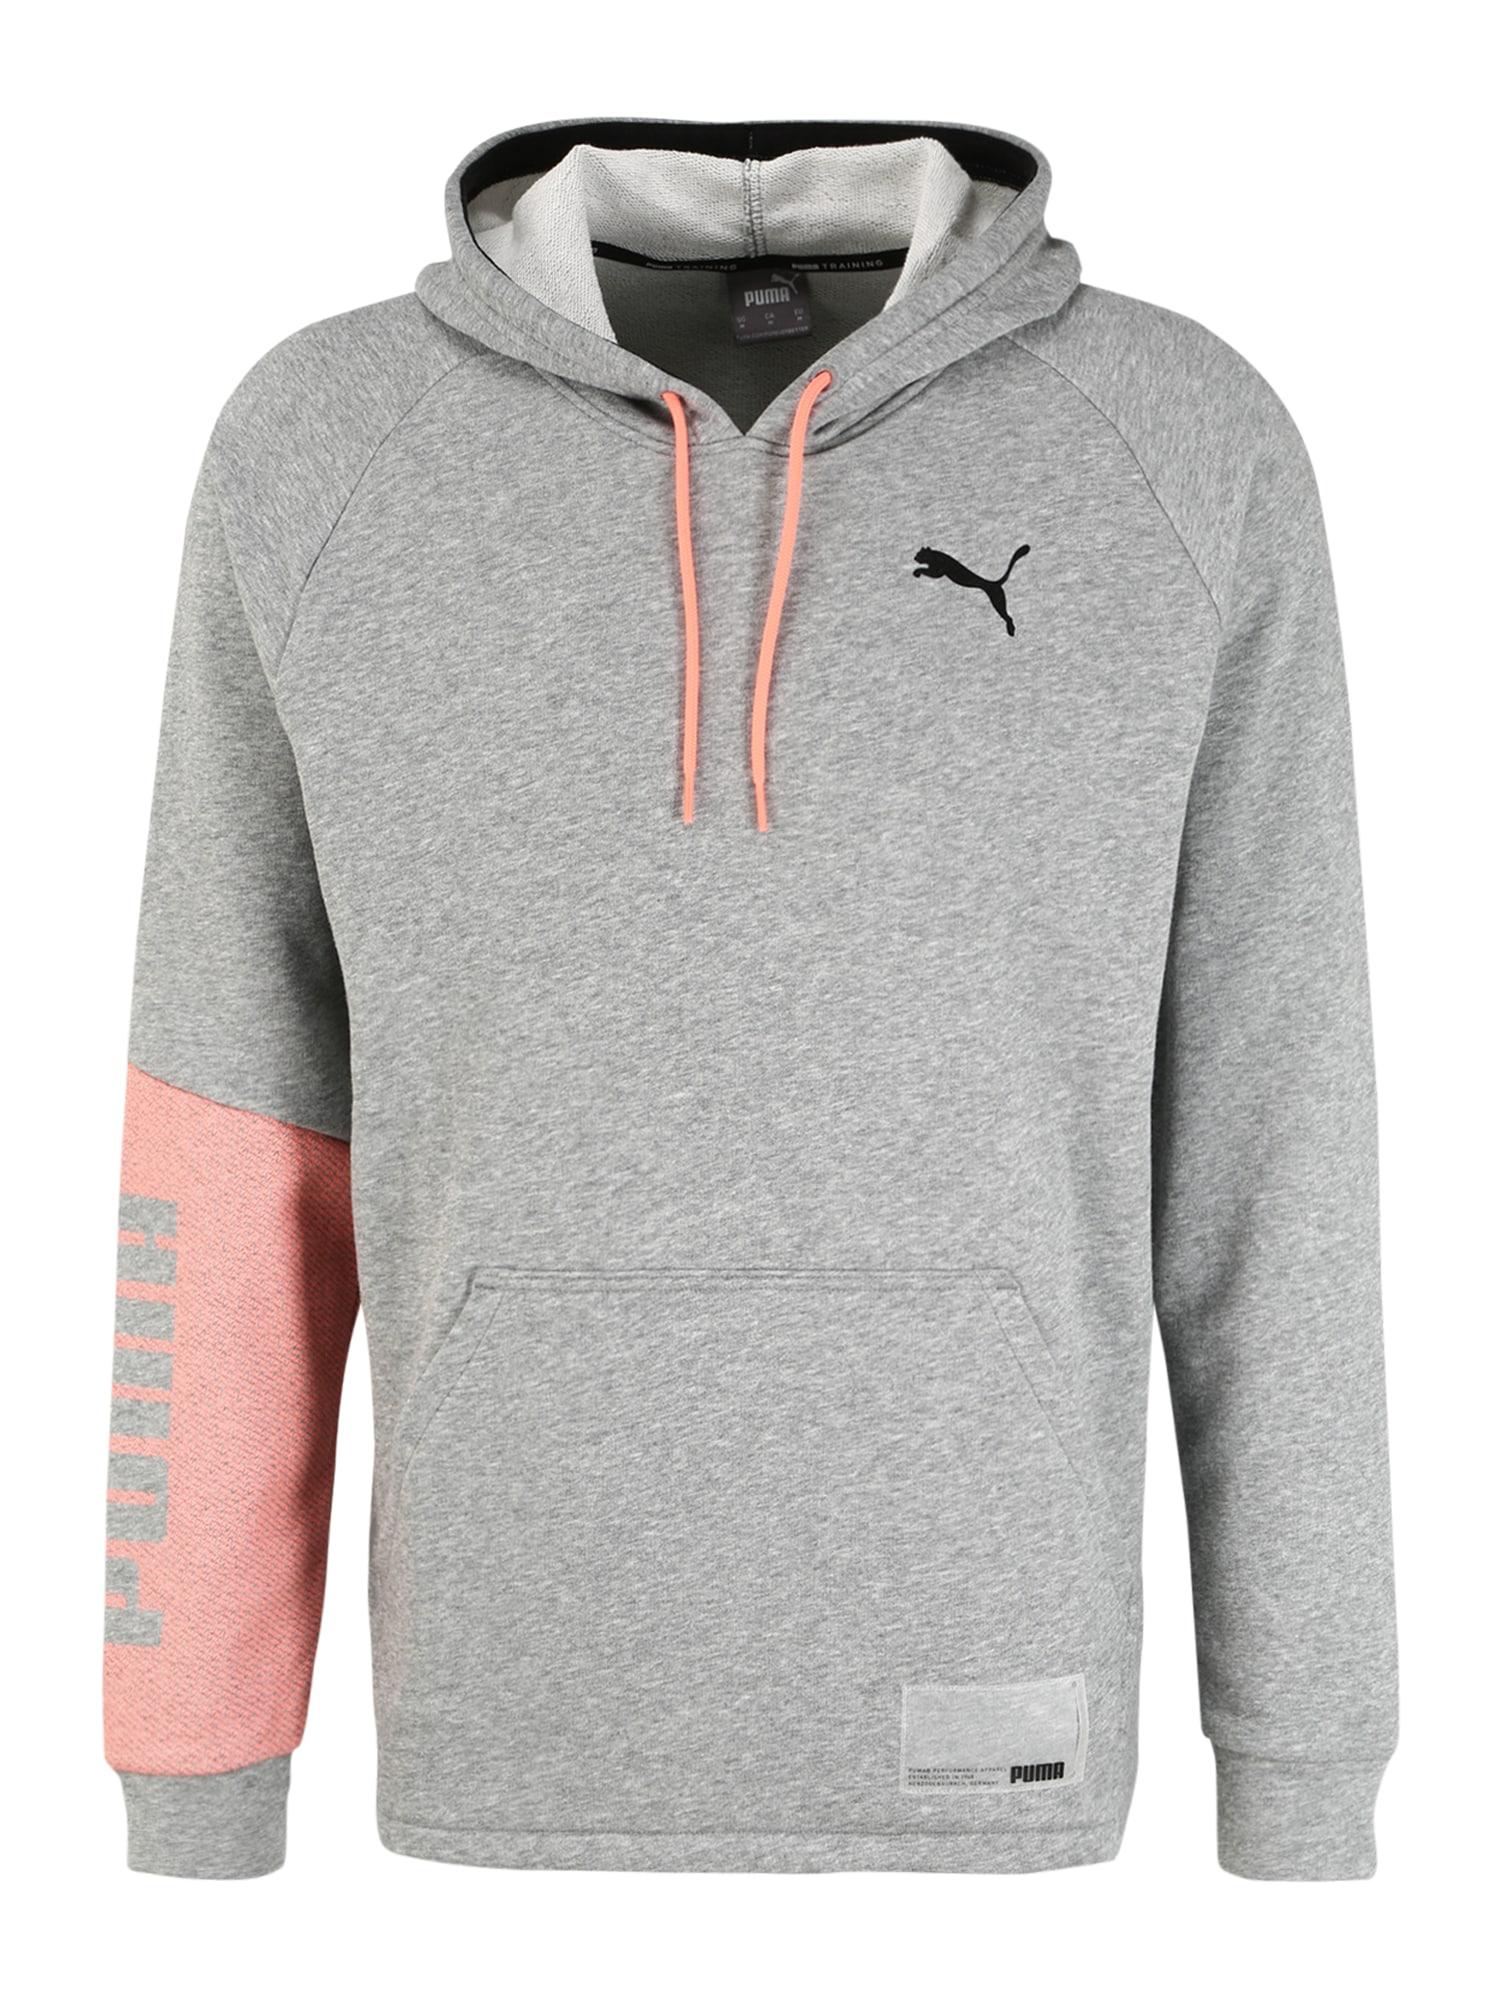 PUMA Sportinio tipo megztinis pilka / rožių spalva